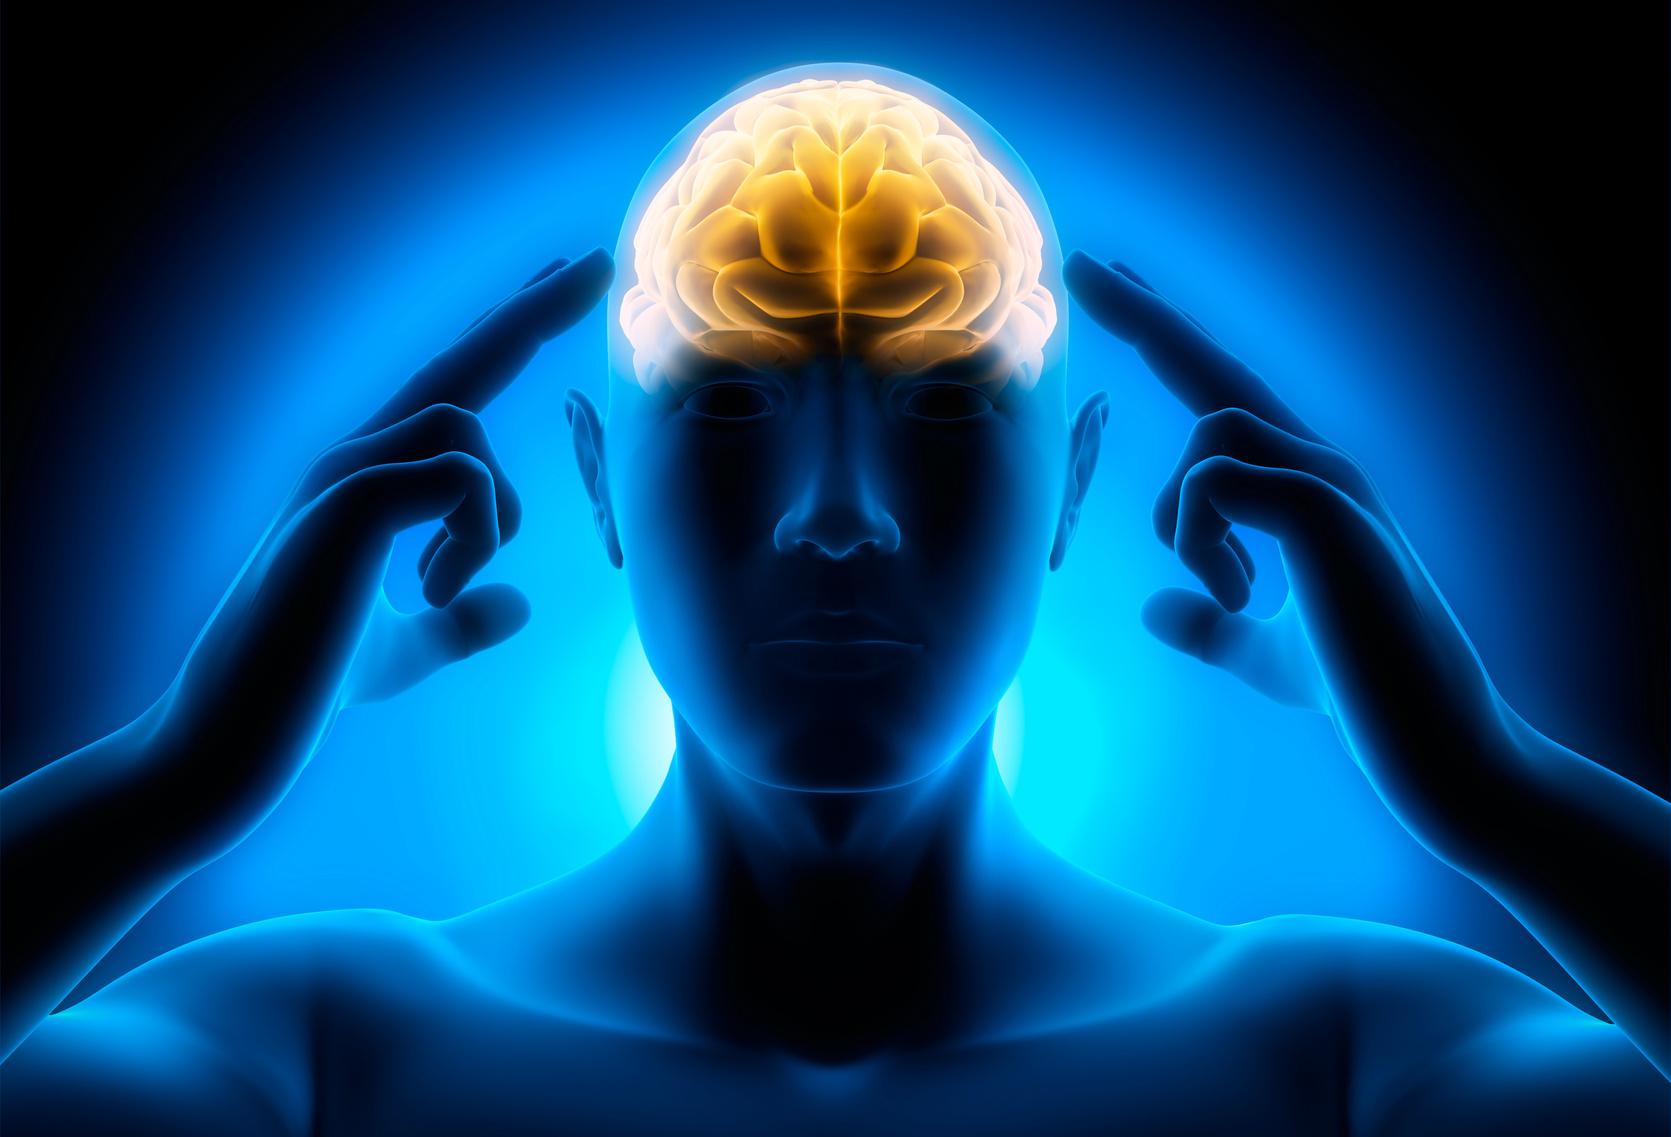 Αυτοσυγκέντρωση: Πώς να ενισχύσετε την αυτοσυγκέντρωσή σας [vid]